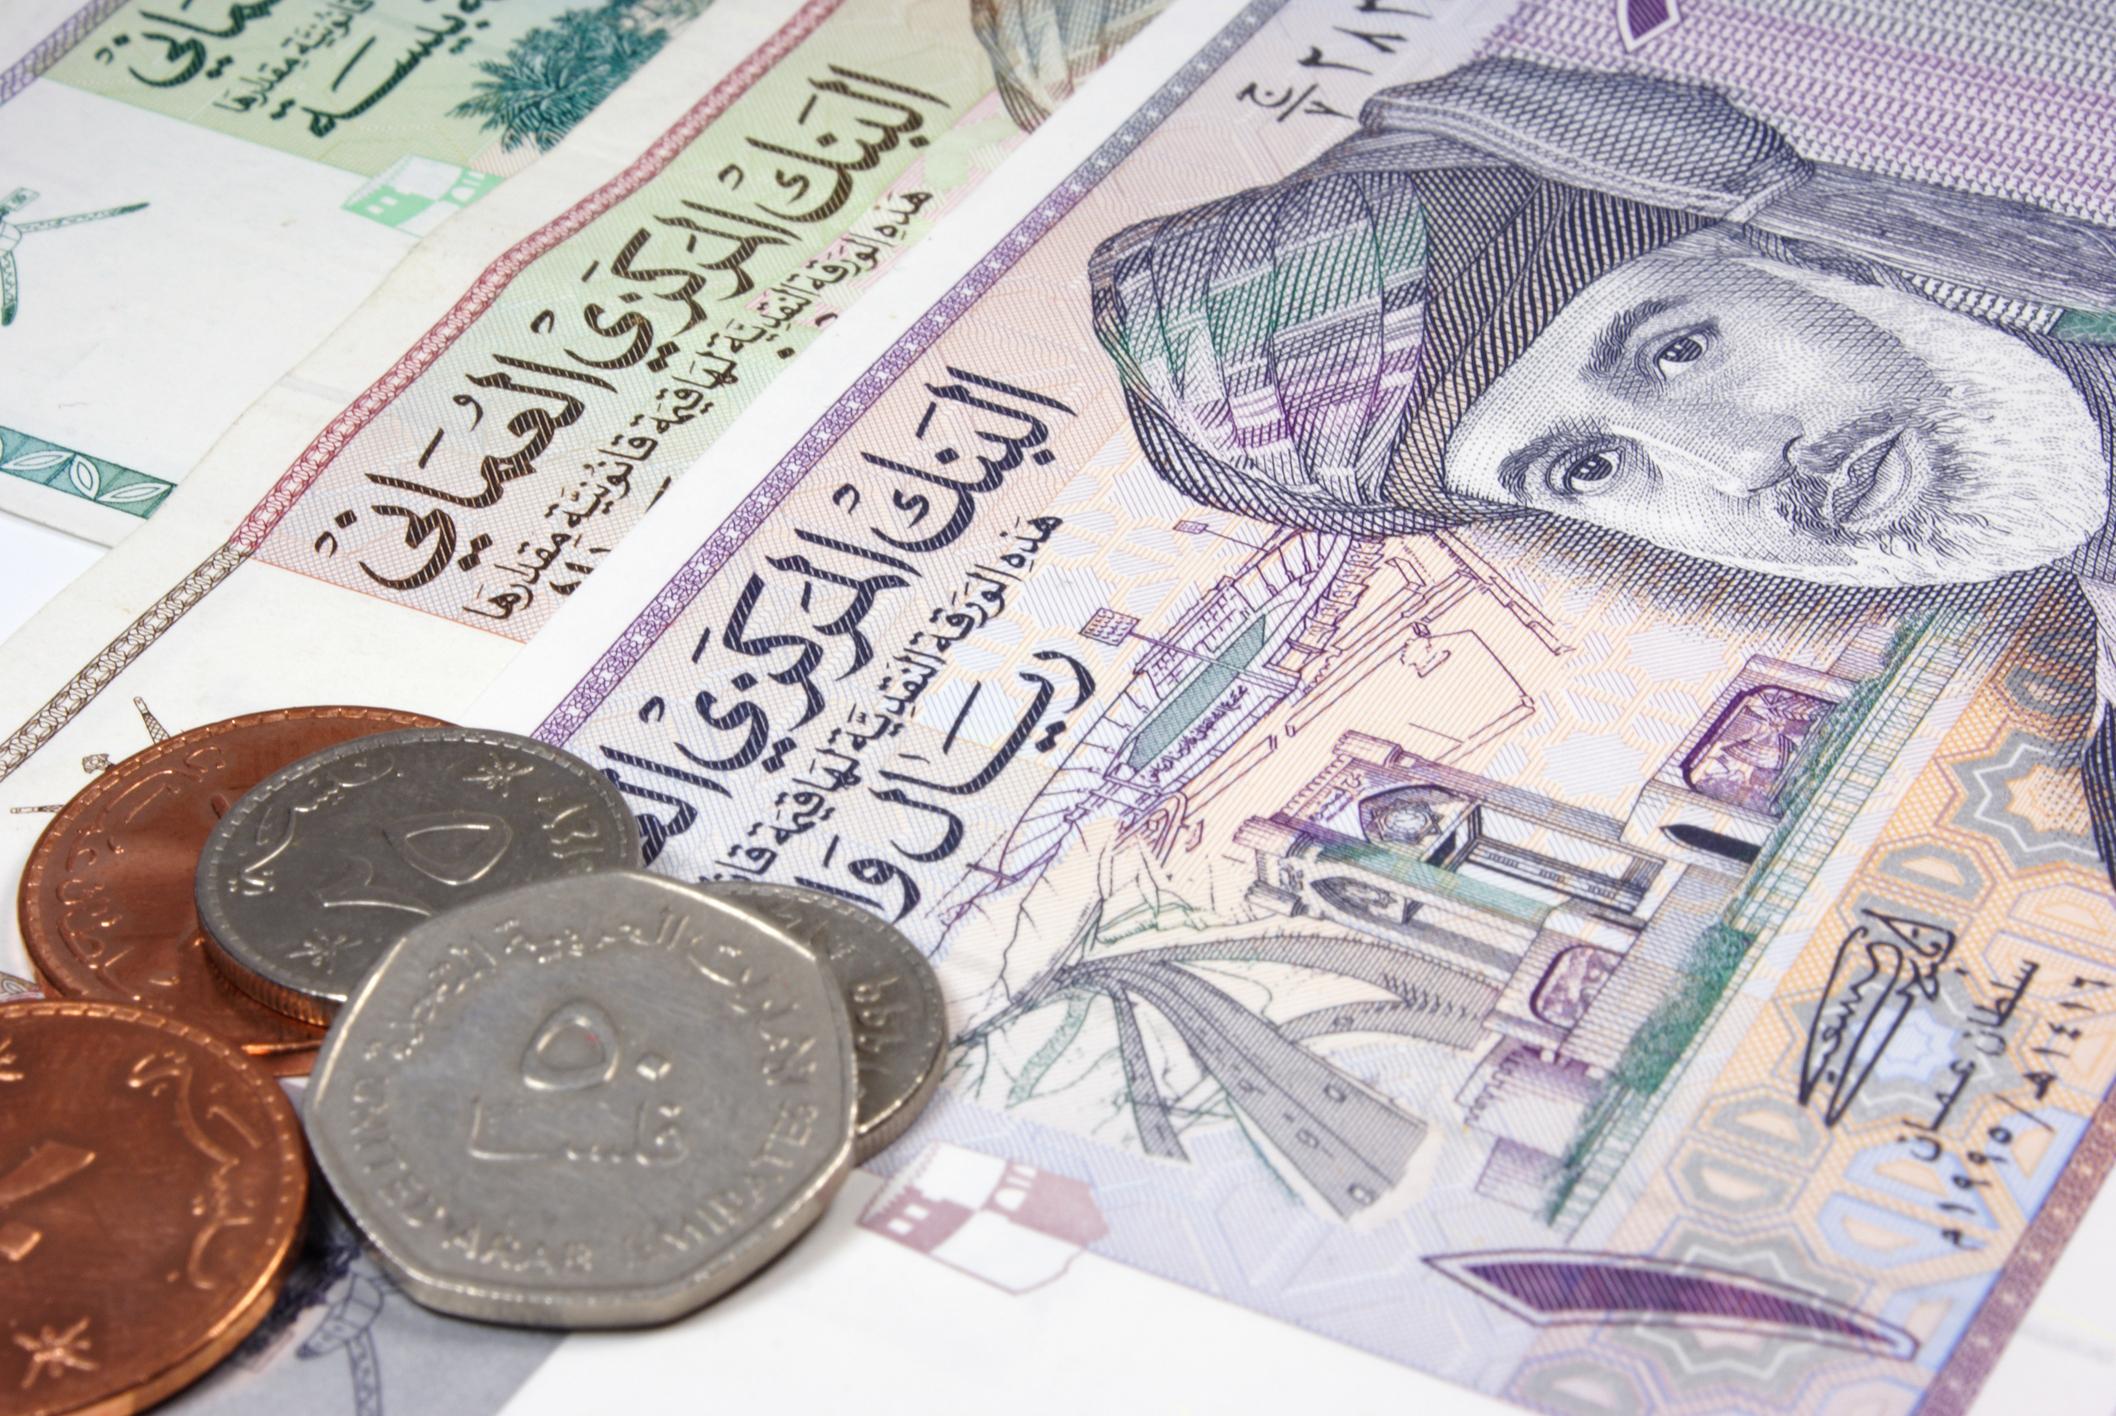 ارتفاع الناتج المحلي في سلطنة عمان بنسبة 2.8 في المئة